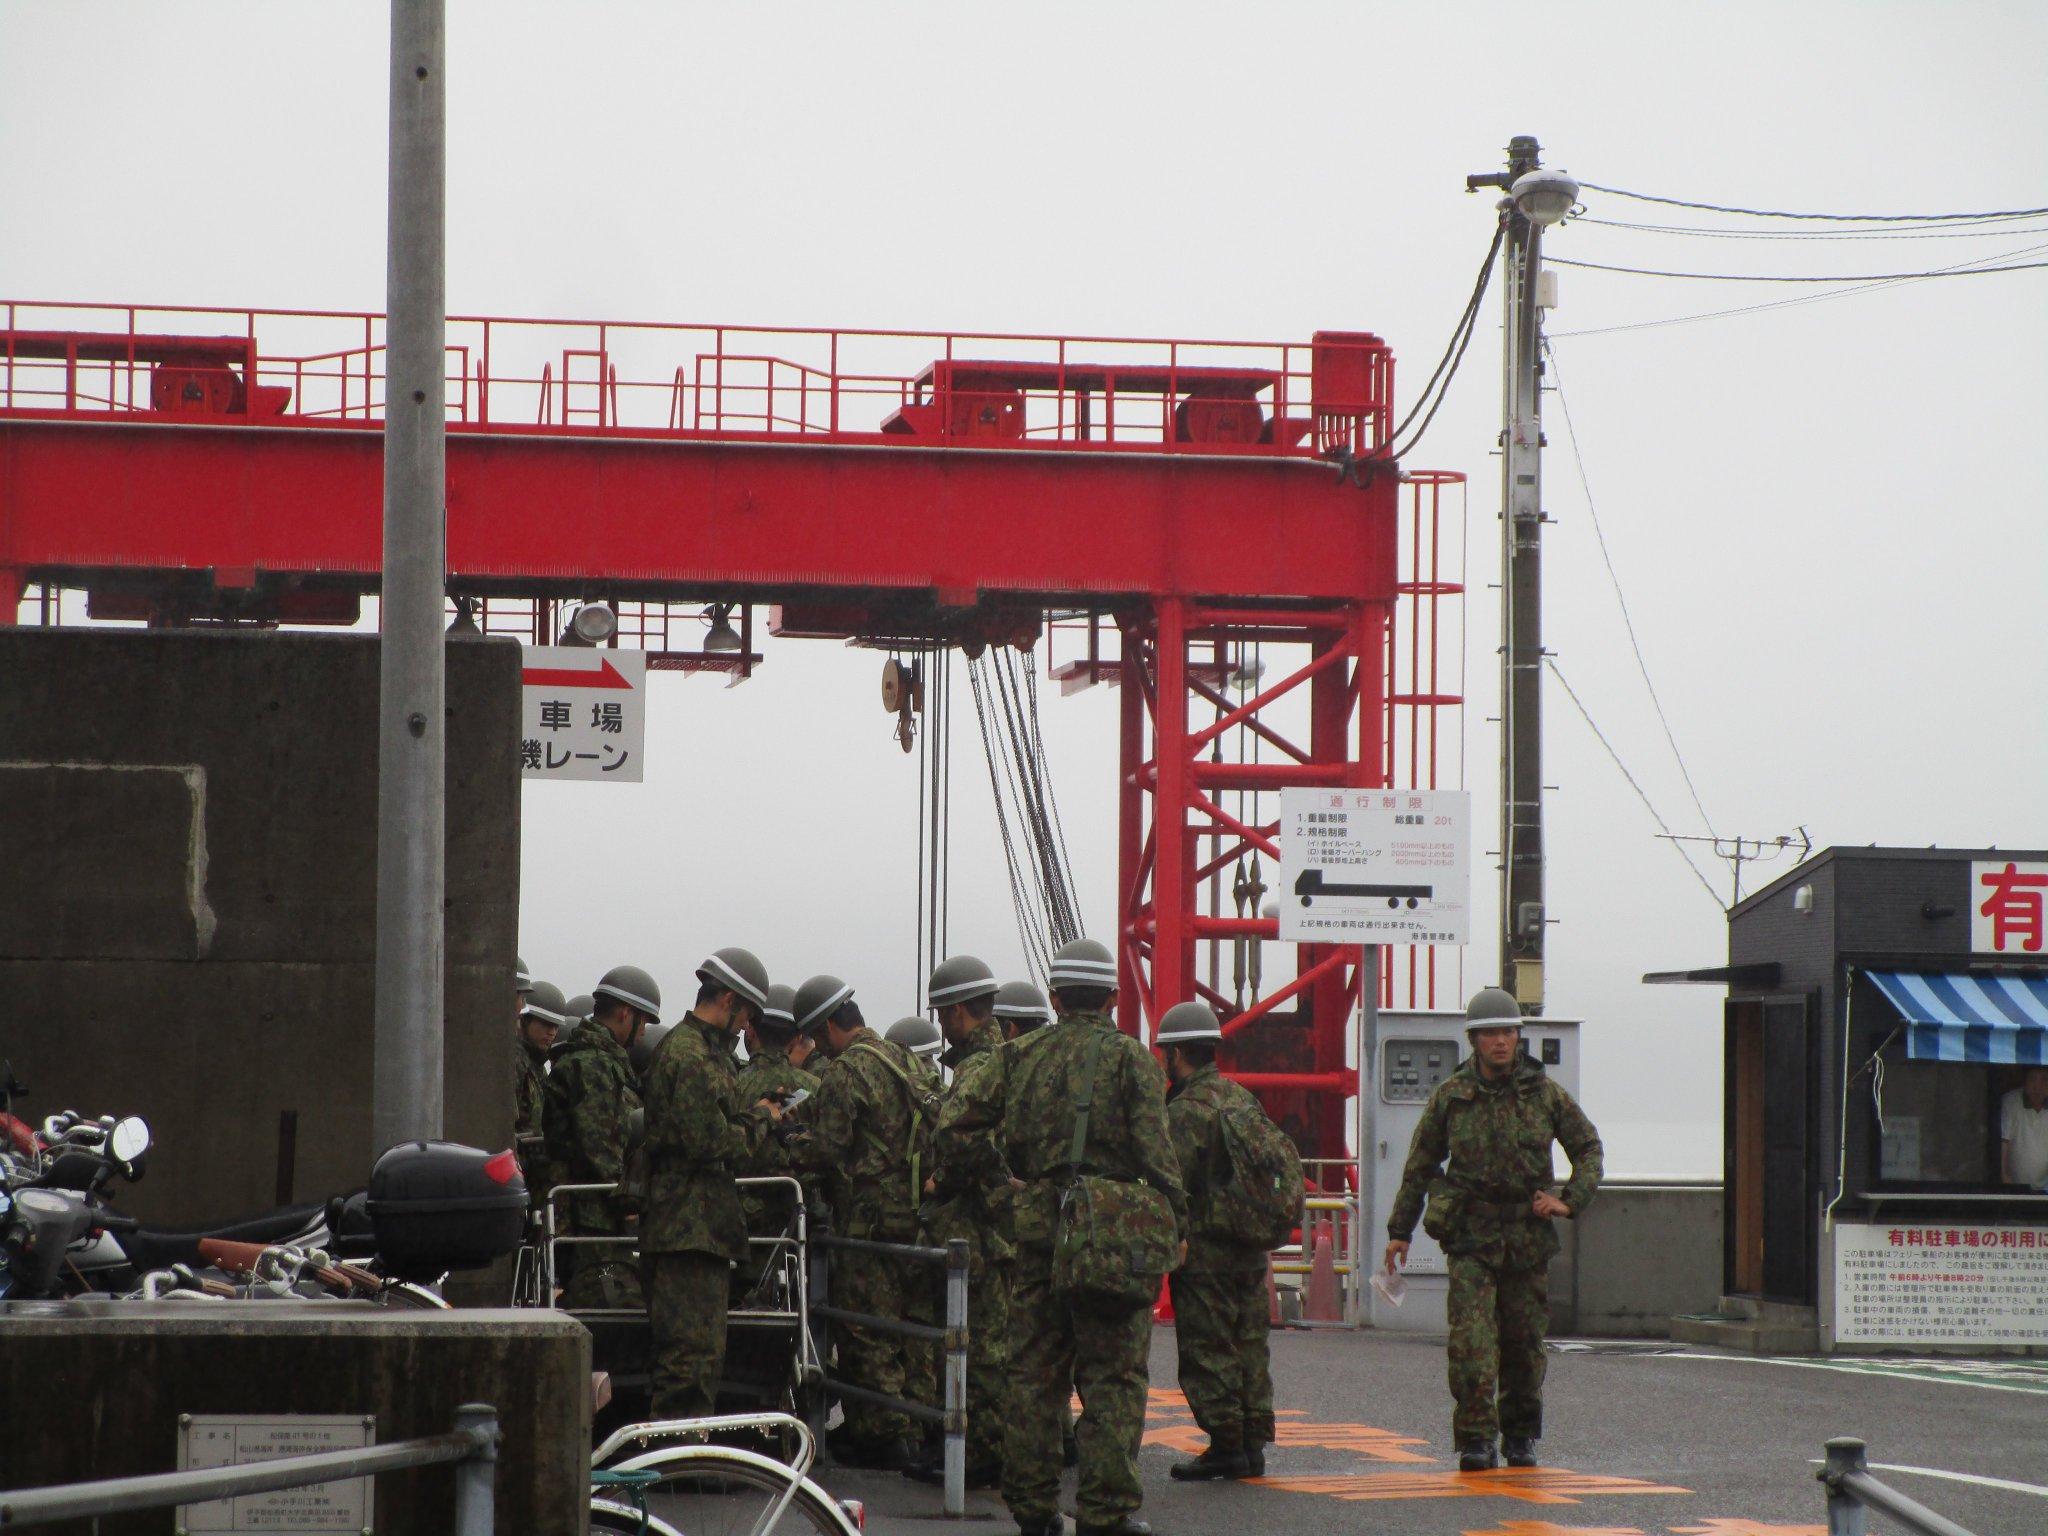 画像,本日午前11時過ぎに撮影。高浜桟橋(愛媛県松山市)に自衛隊の隊員さんたちが集まっていました。松山沖忽那諸島の怒和島で裏山崩壊による家屋倒壊で行方不明者が出ていま…